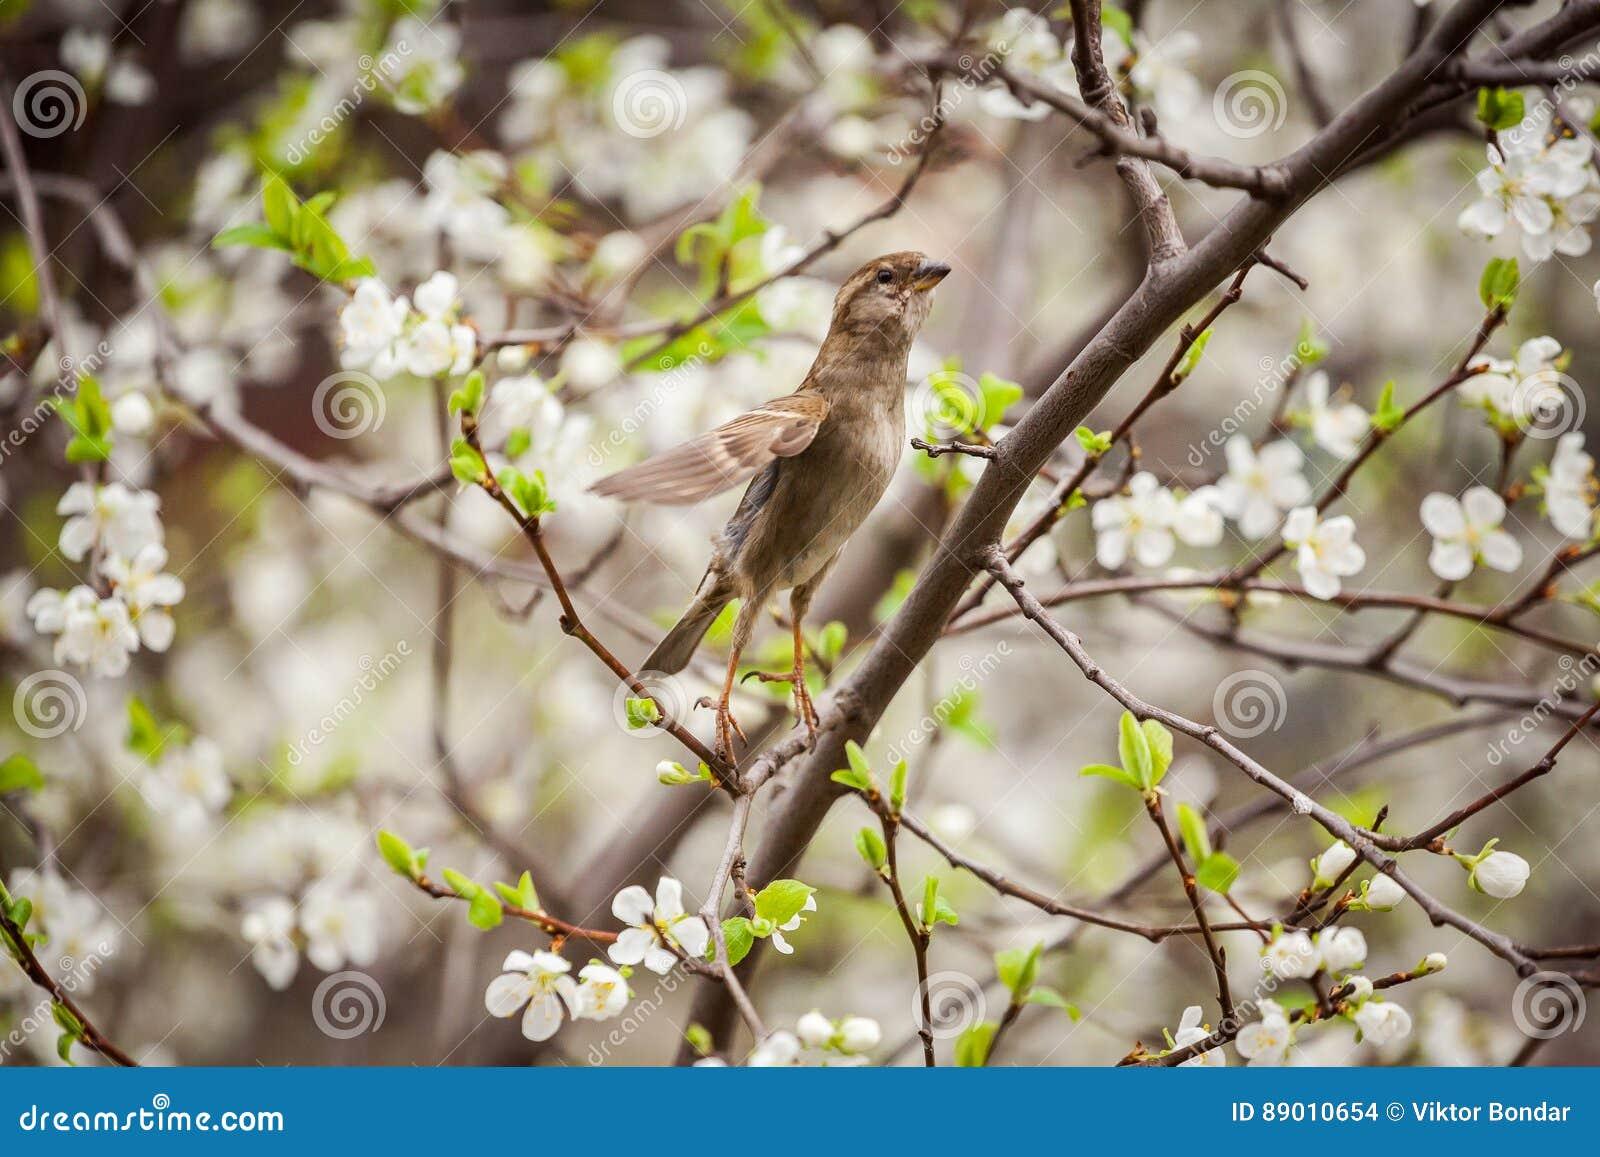 Wróbli obsiadanie na kwiatonośnym drzewie, wróbel w wiośnie Gard